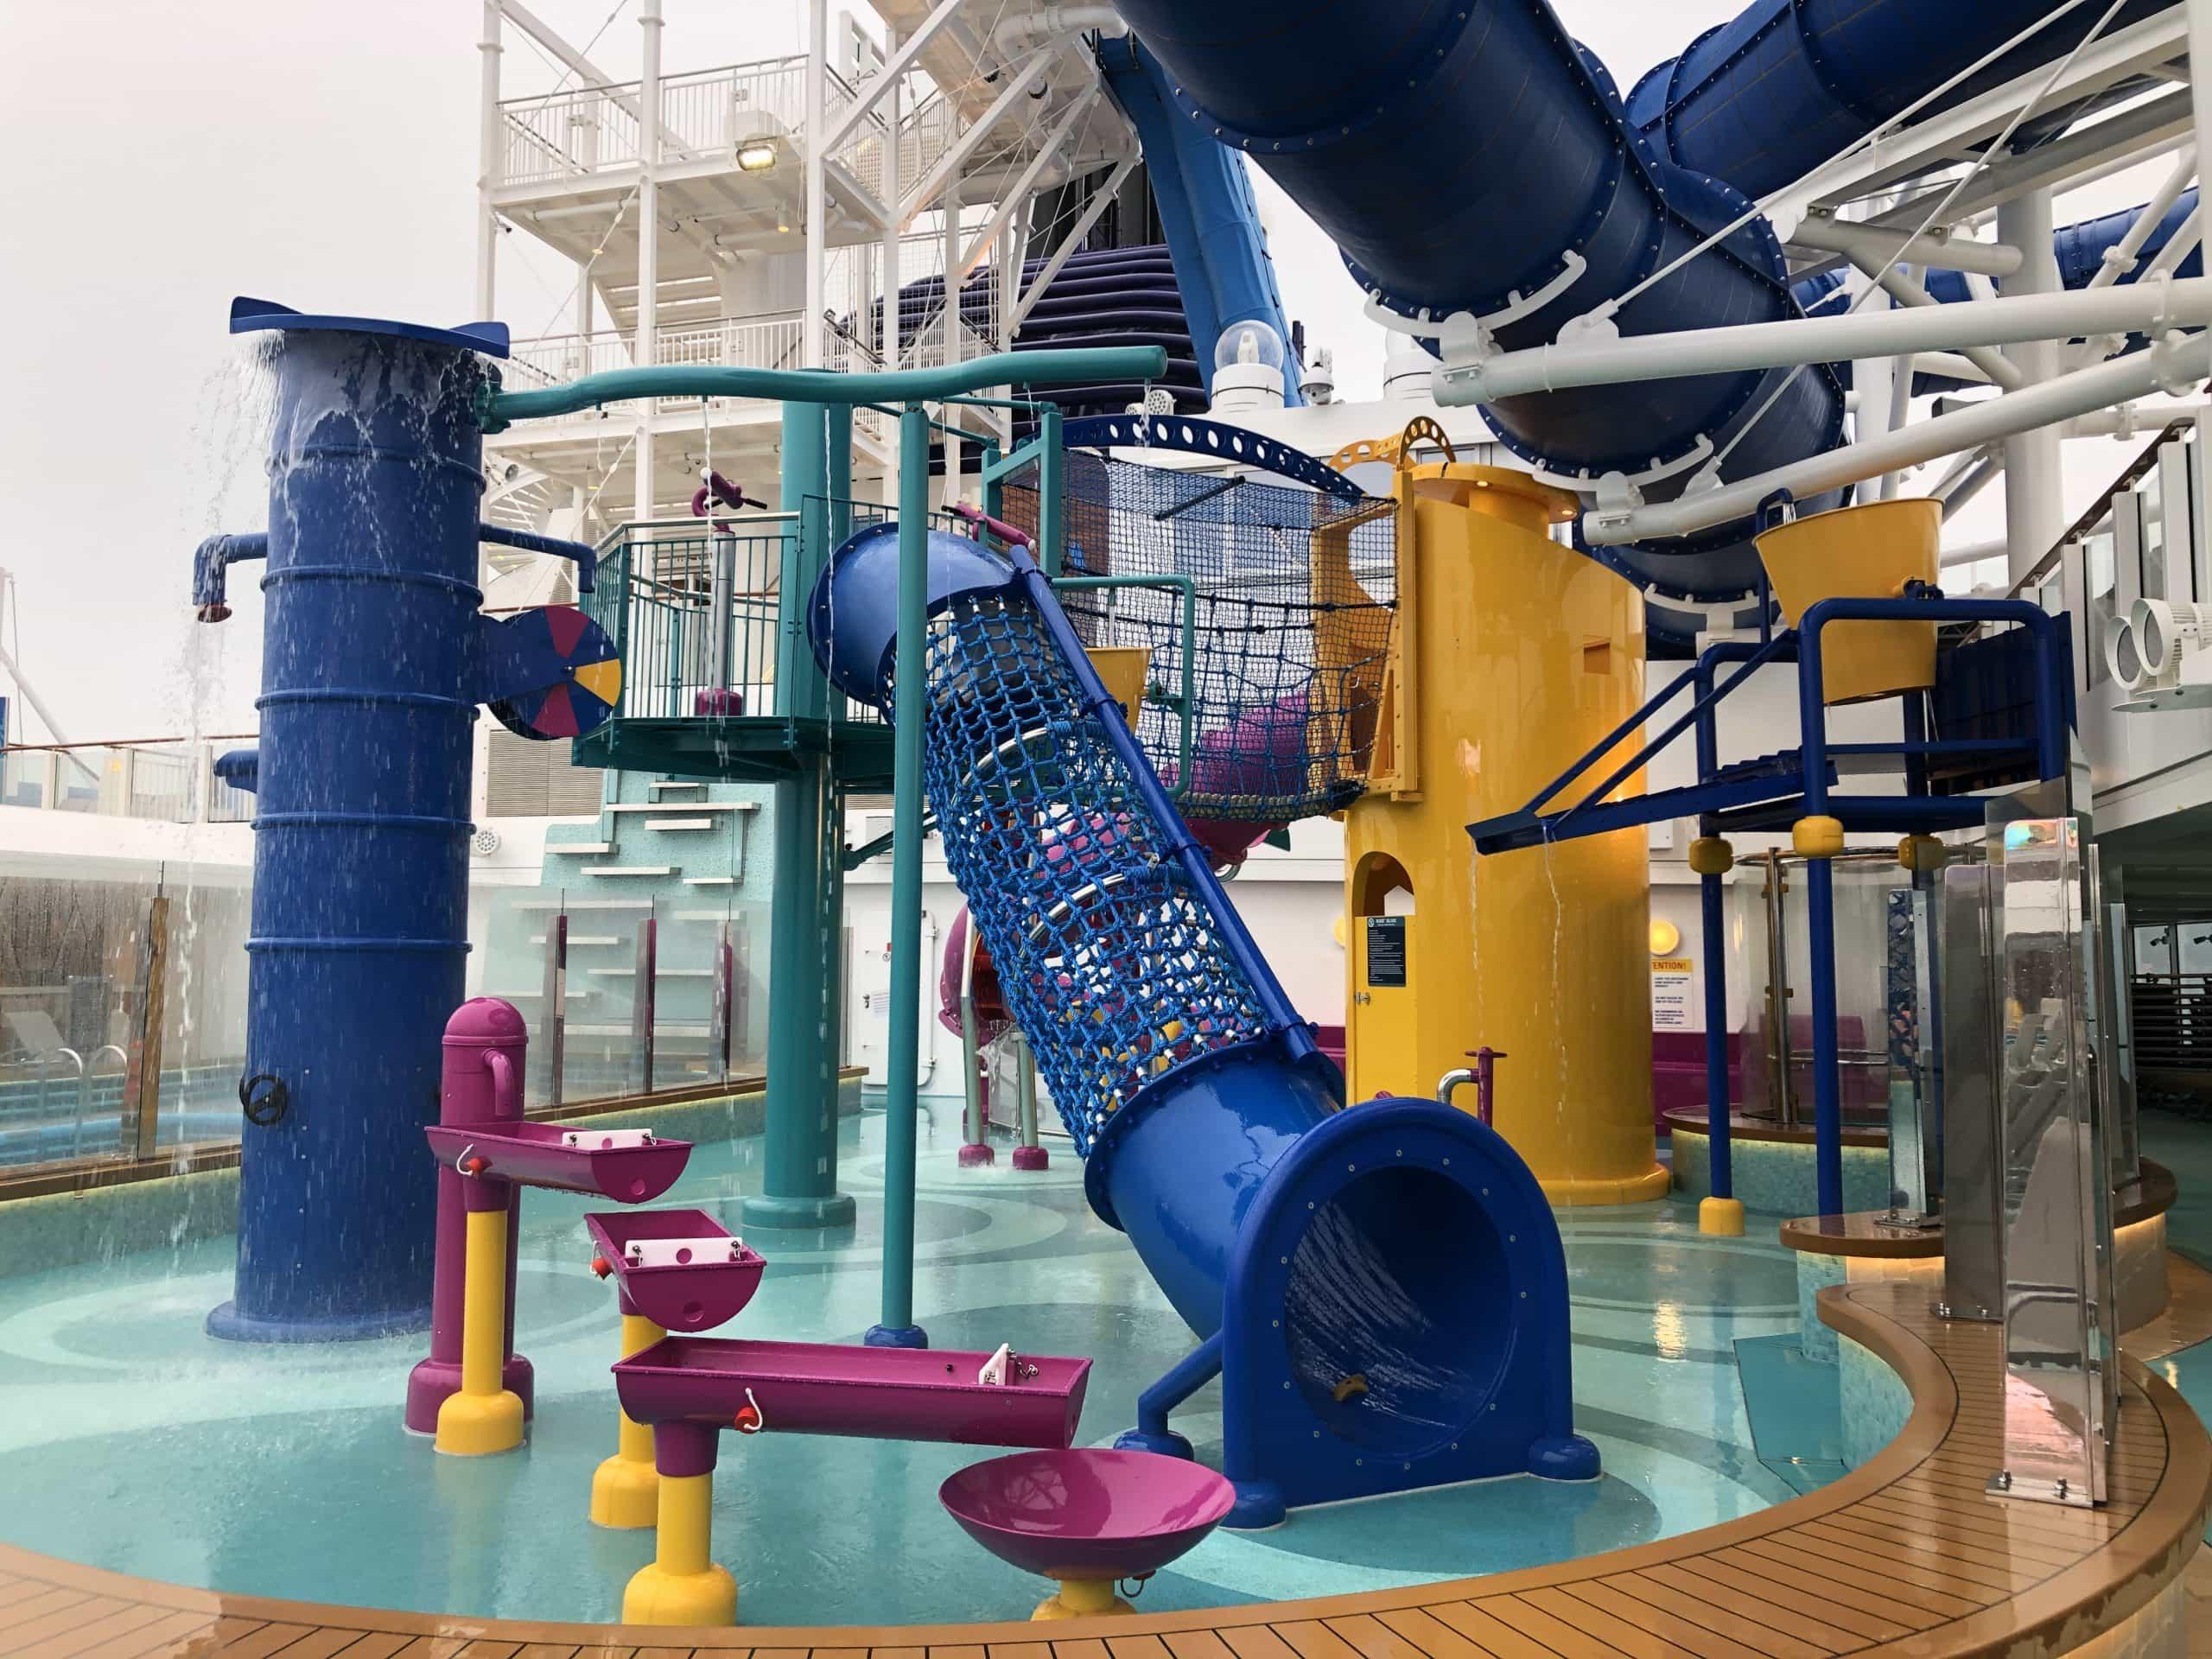 Encore kids Aqua park.